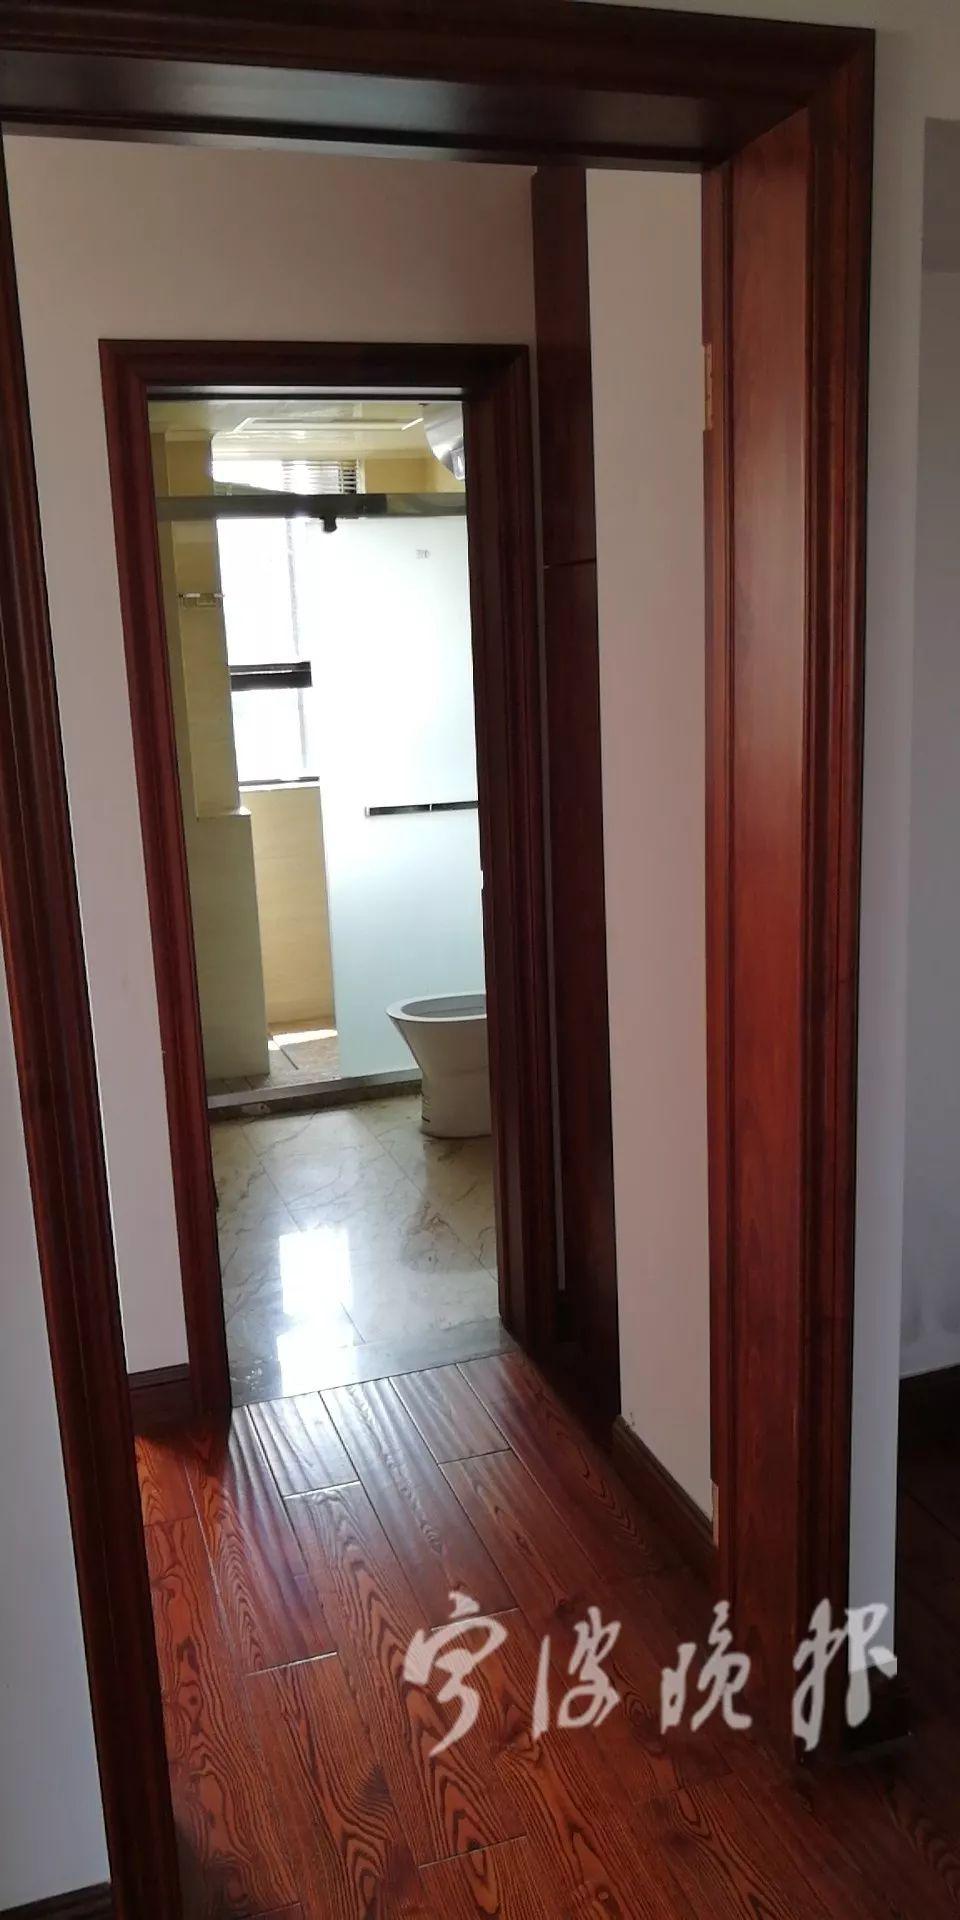 站在卧室里,可以看见淋浴房的动态